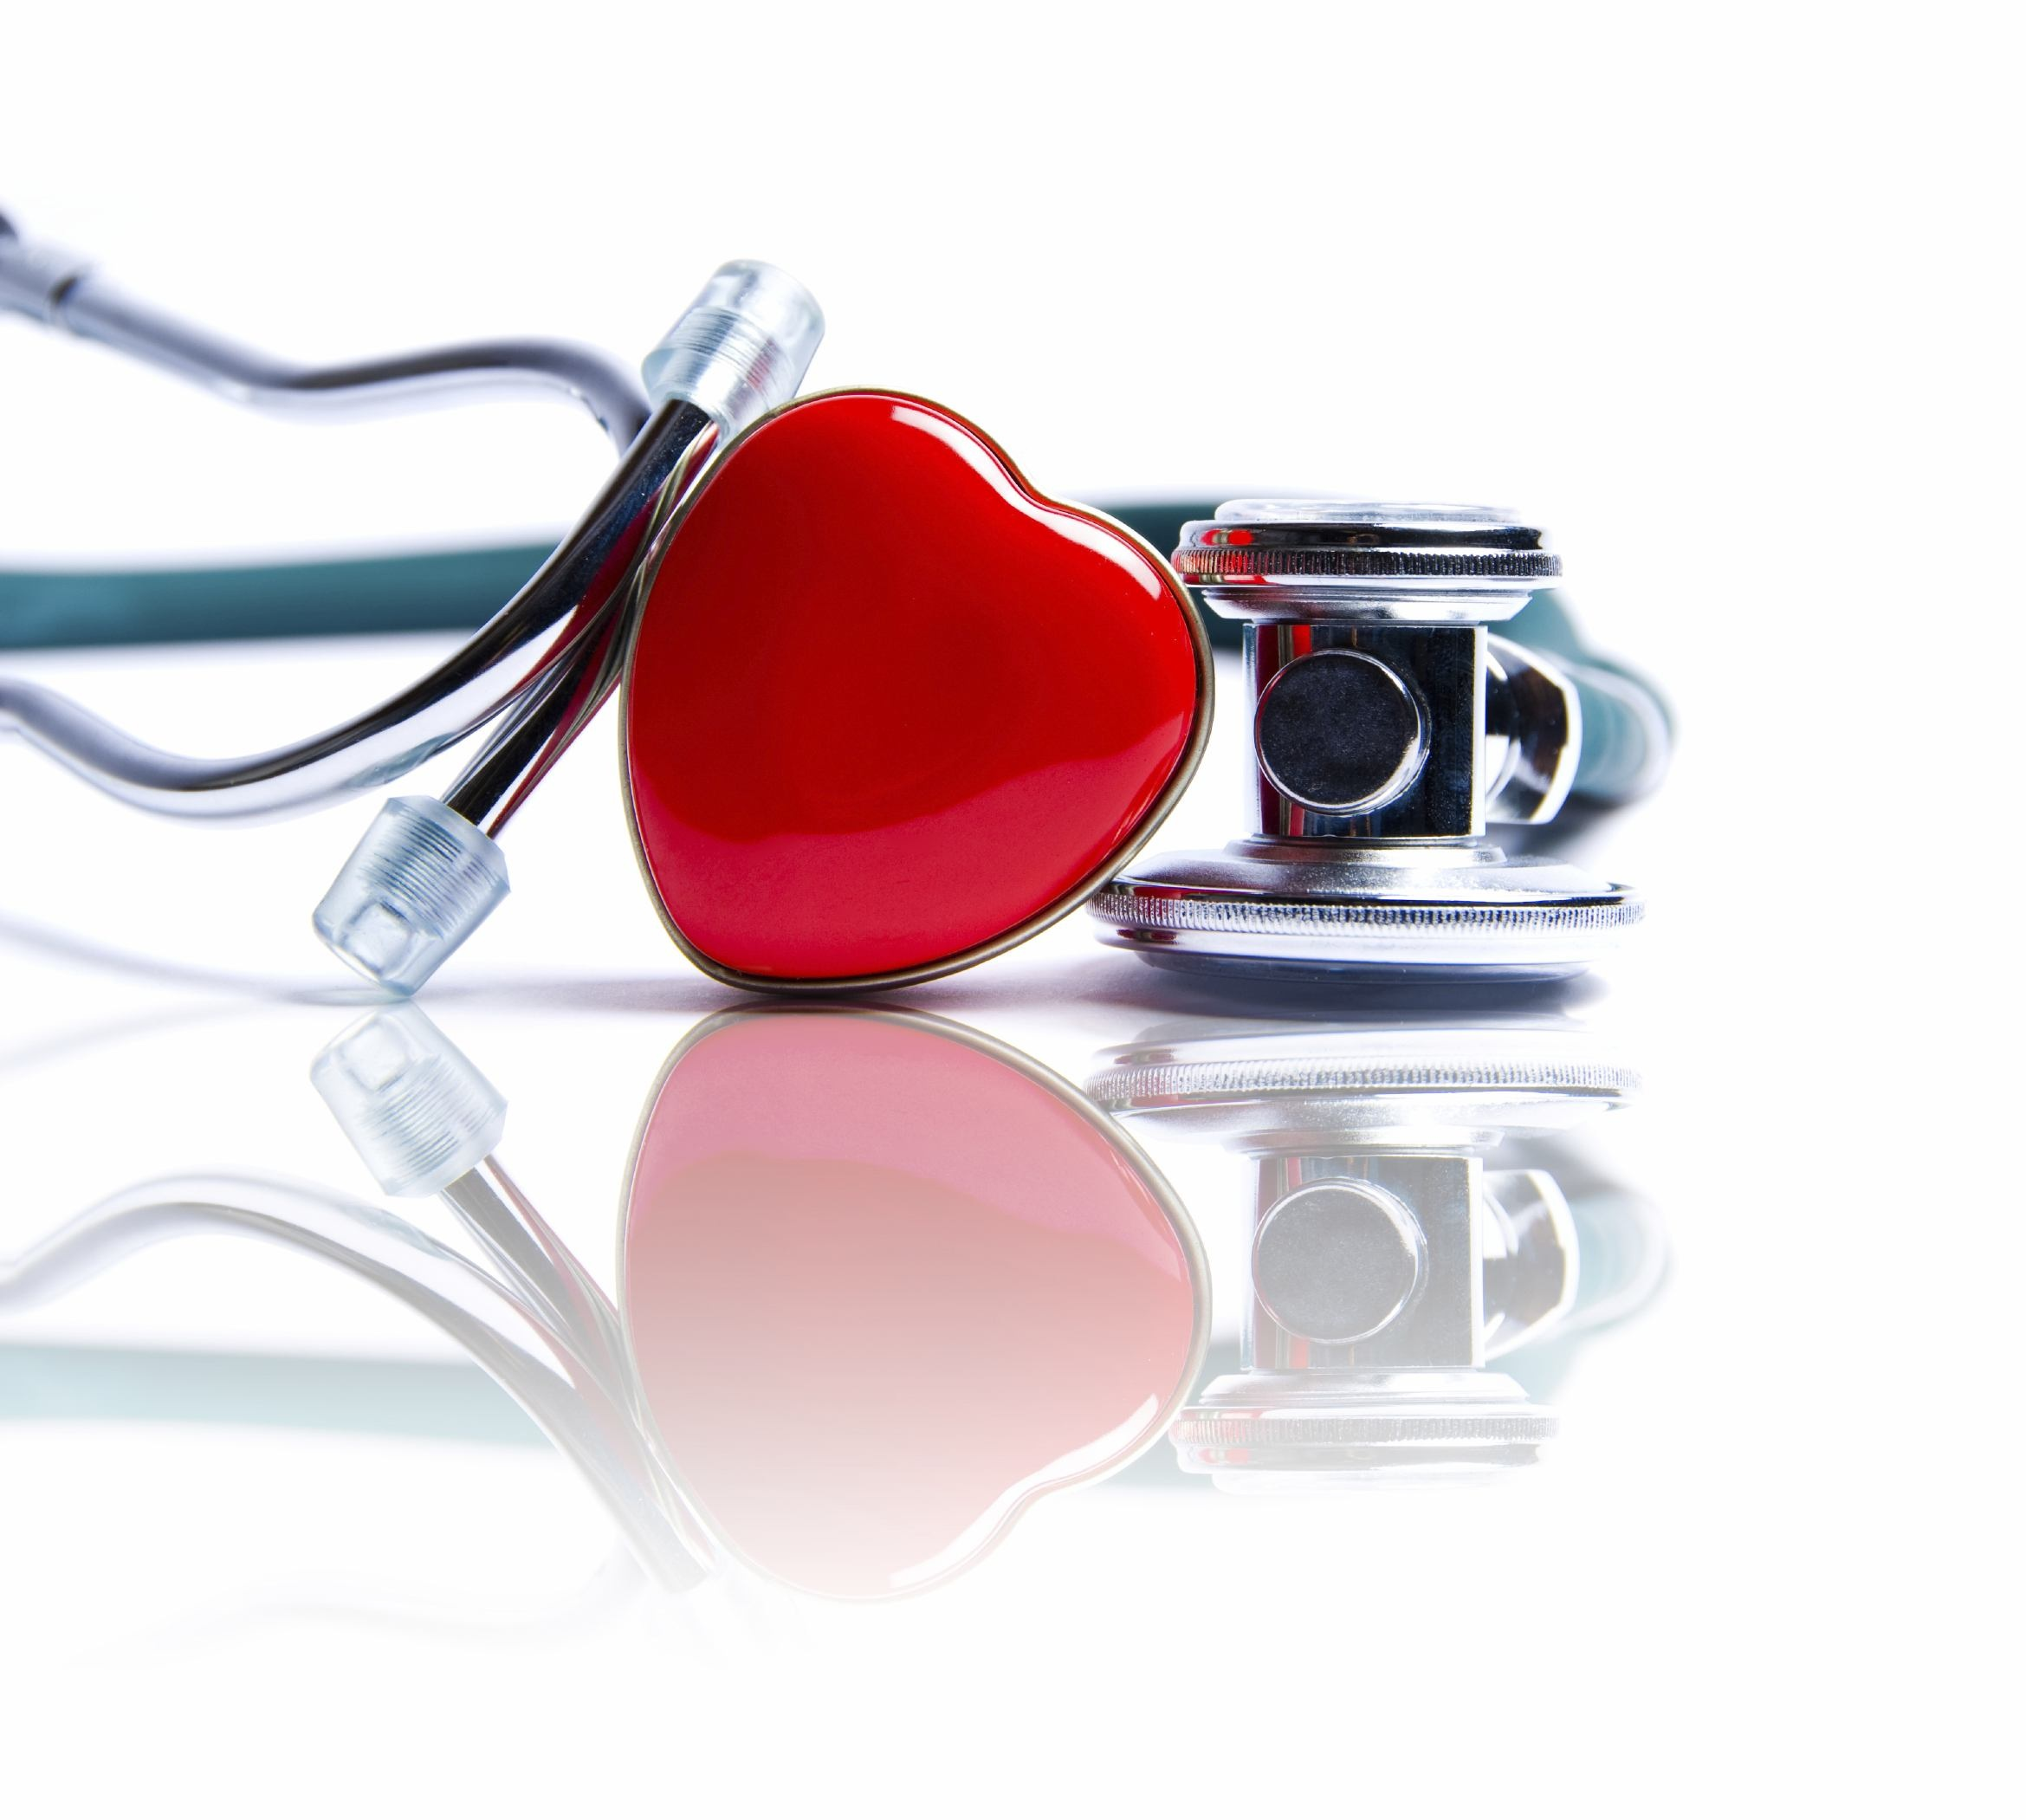 Un seguro de gastos médicos accesible para la mayor parte de la población mexicana.